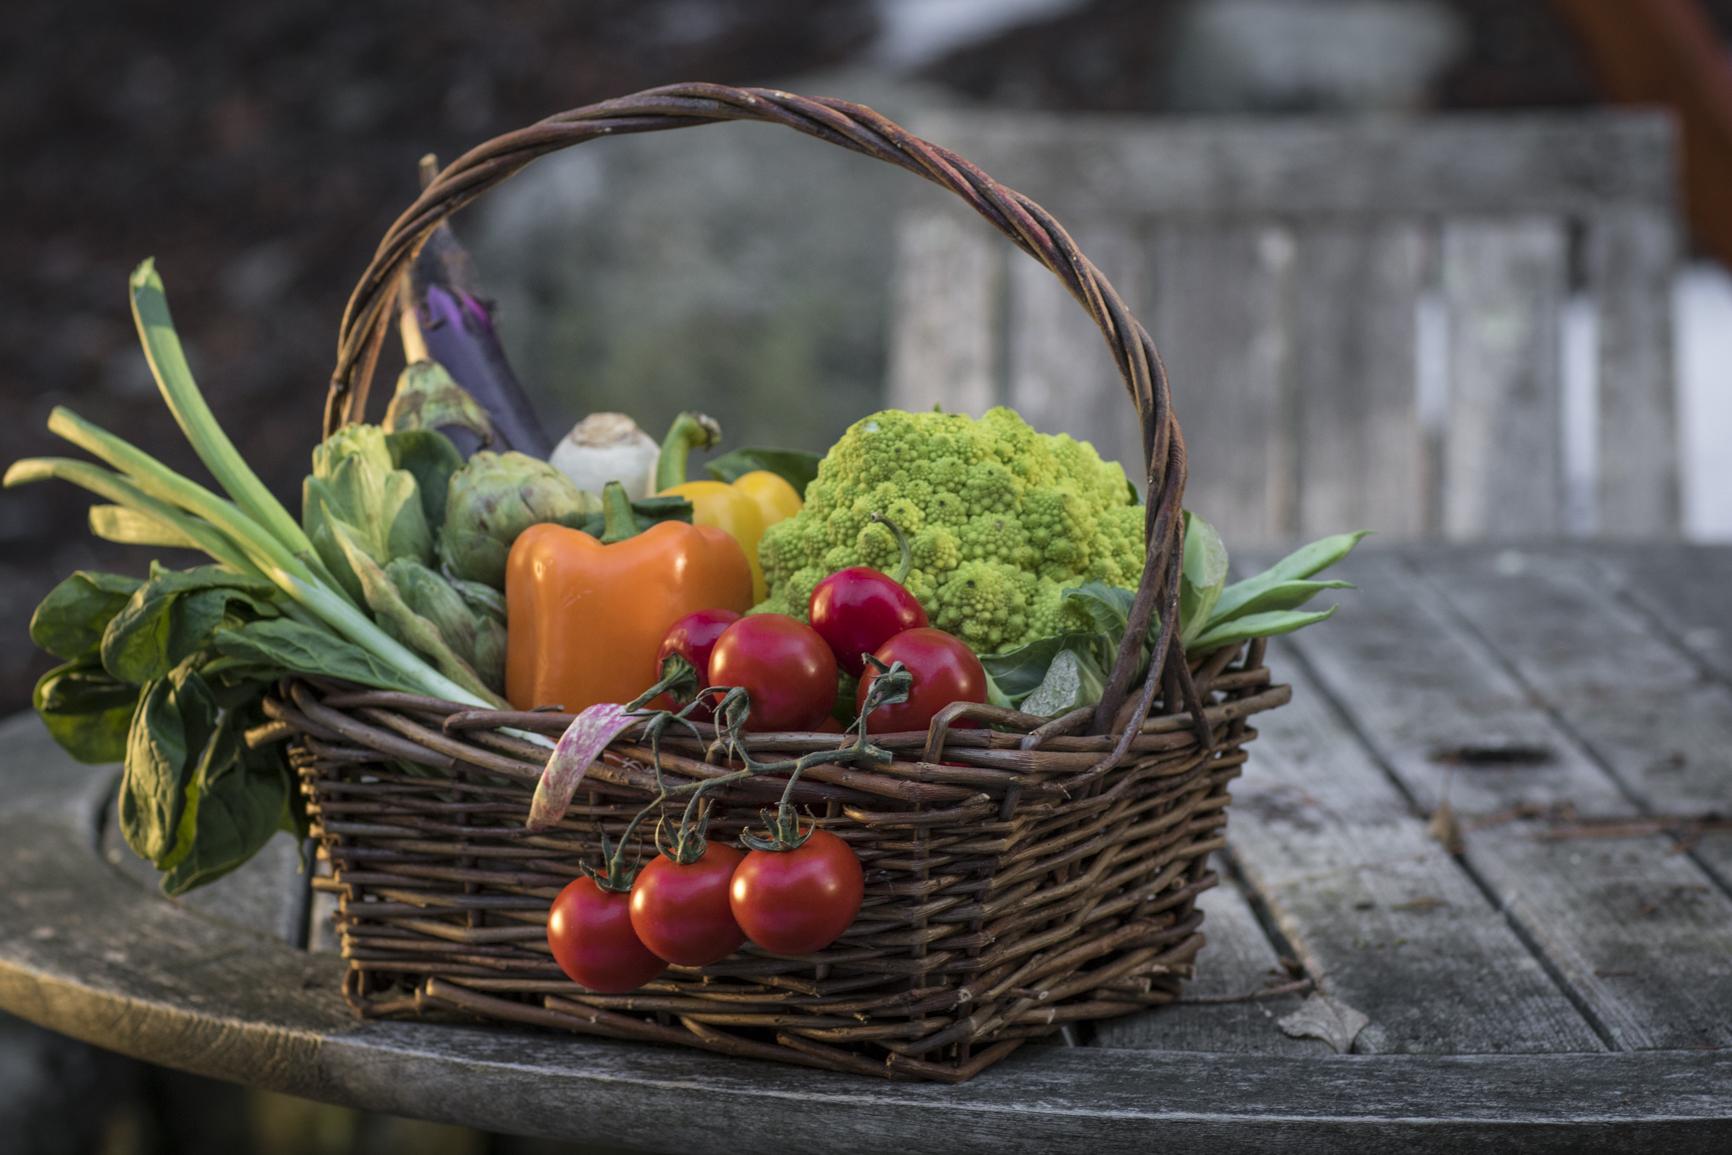 Whole foods vegetables basket